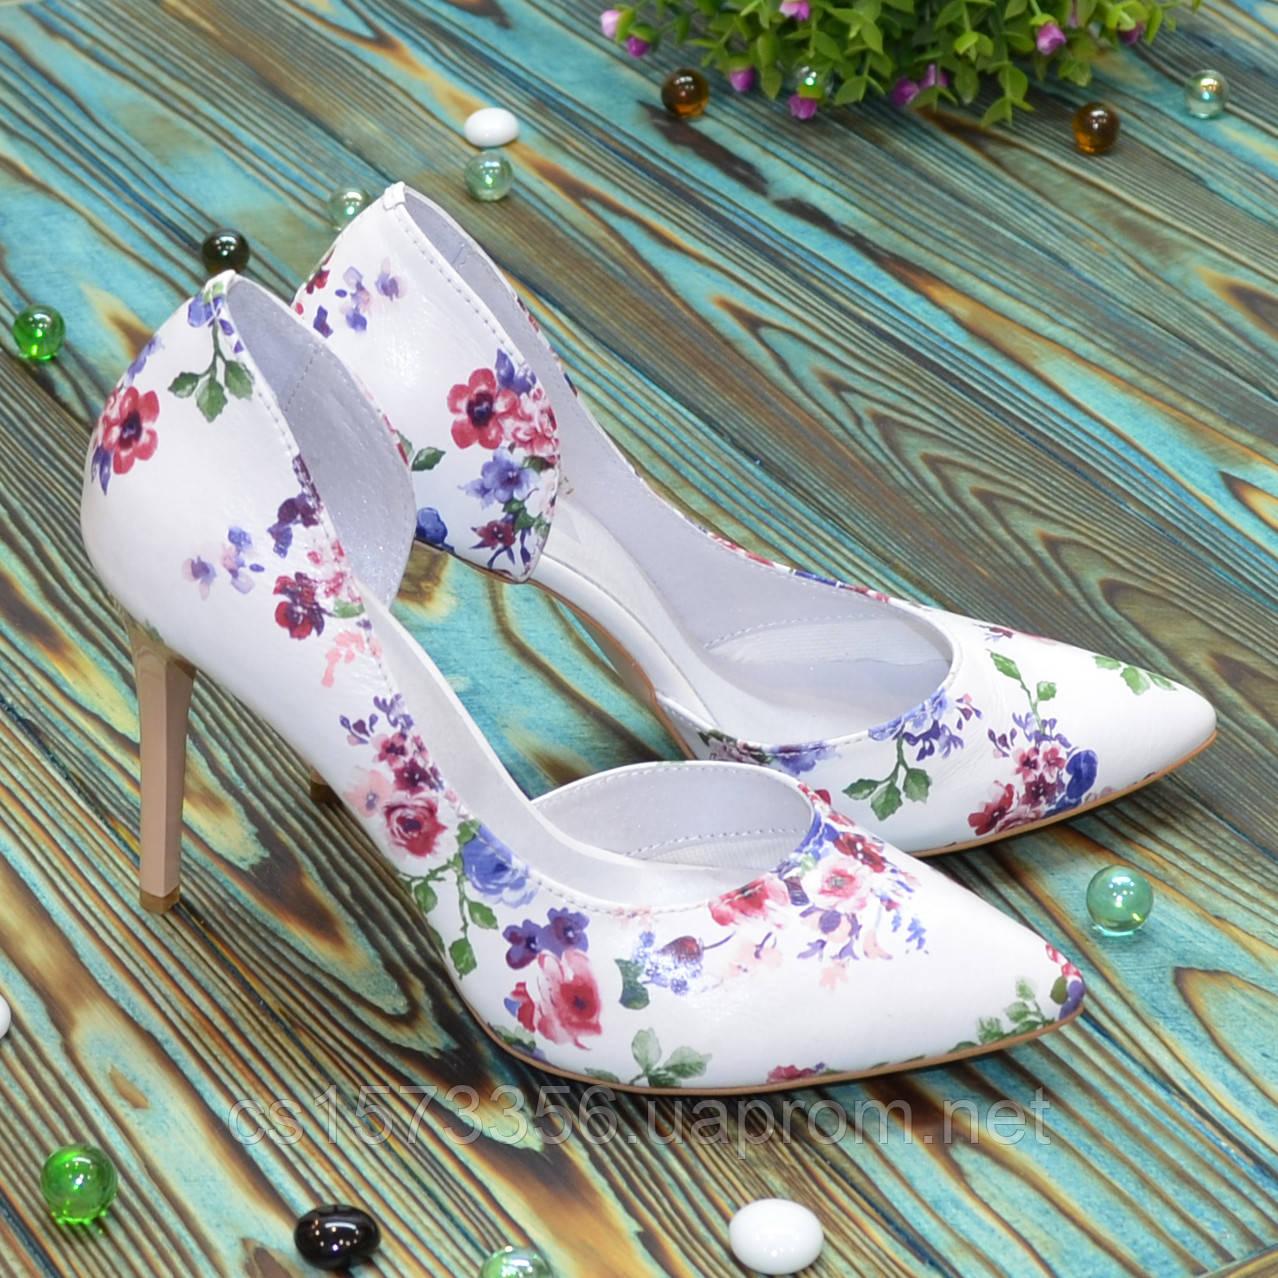 Жіночі шкіряні туфлі на шпильці, колір біла шкіра з квітковим принтом